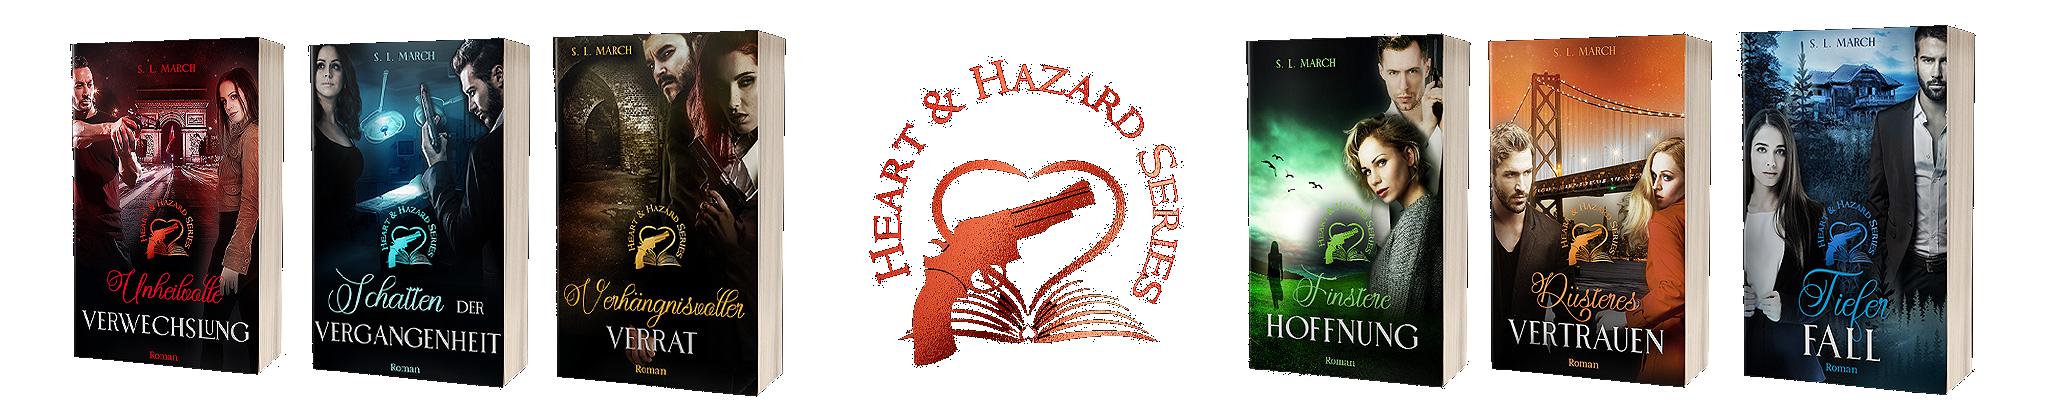 HPbannerheartandhazard_ohne_Hintergrund